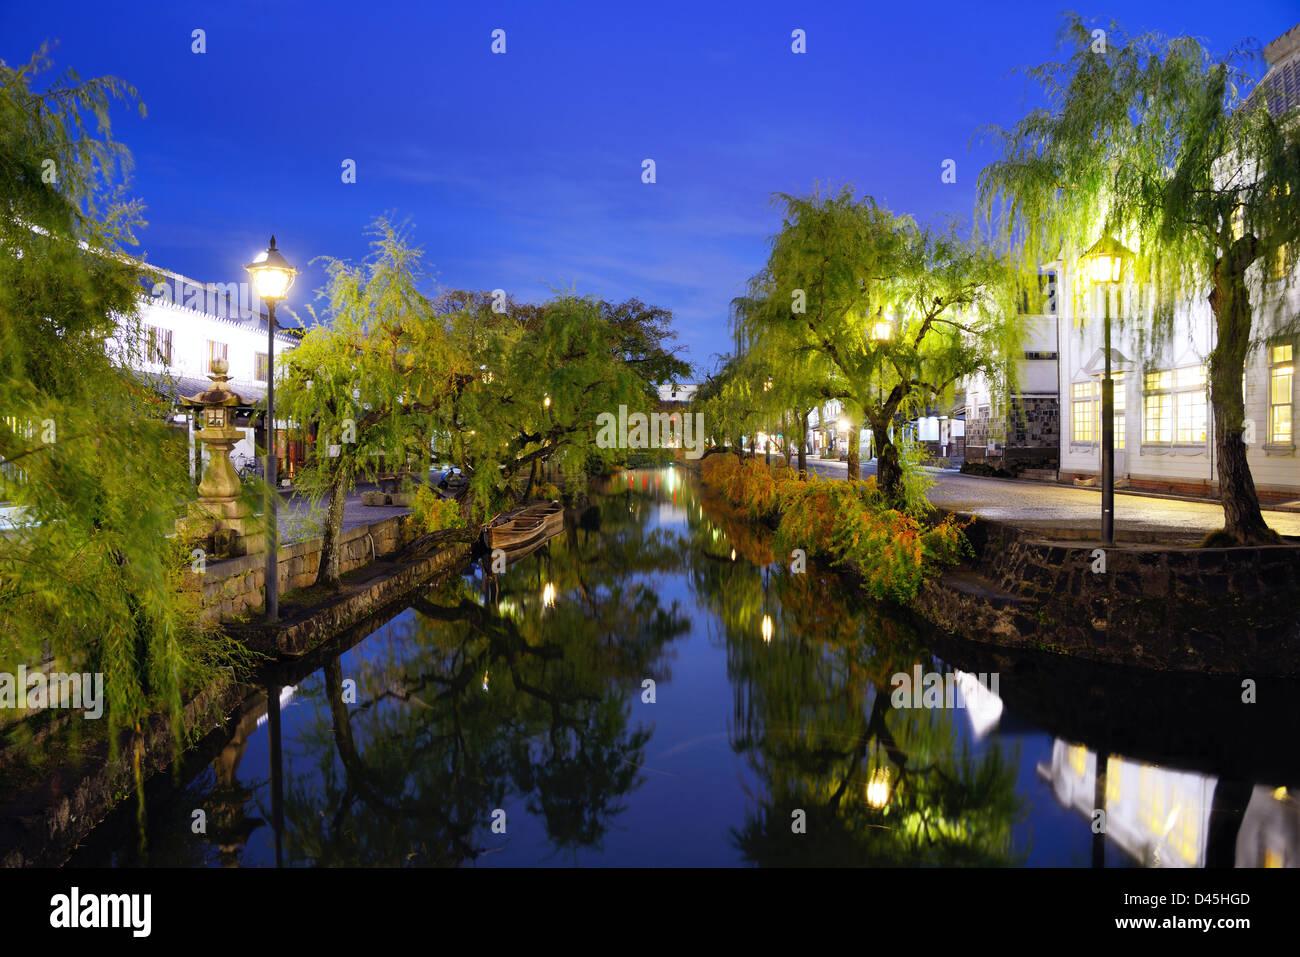 Le célèbre pont et canal de Kurashiki, Japon. Photo Stock